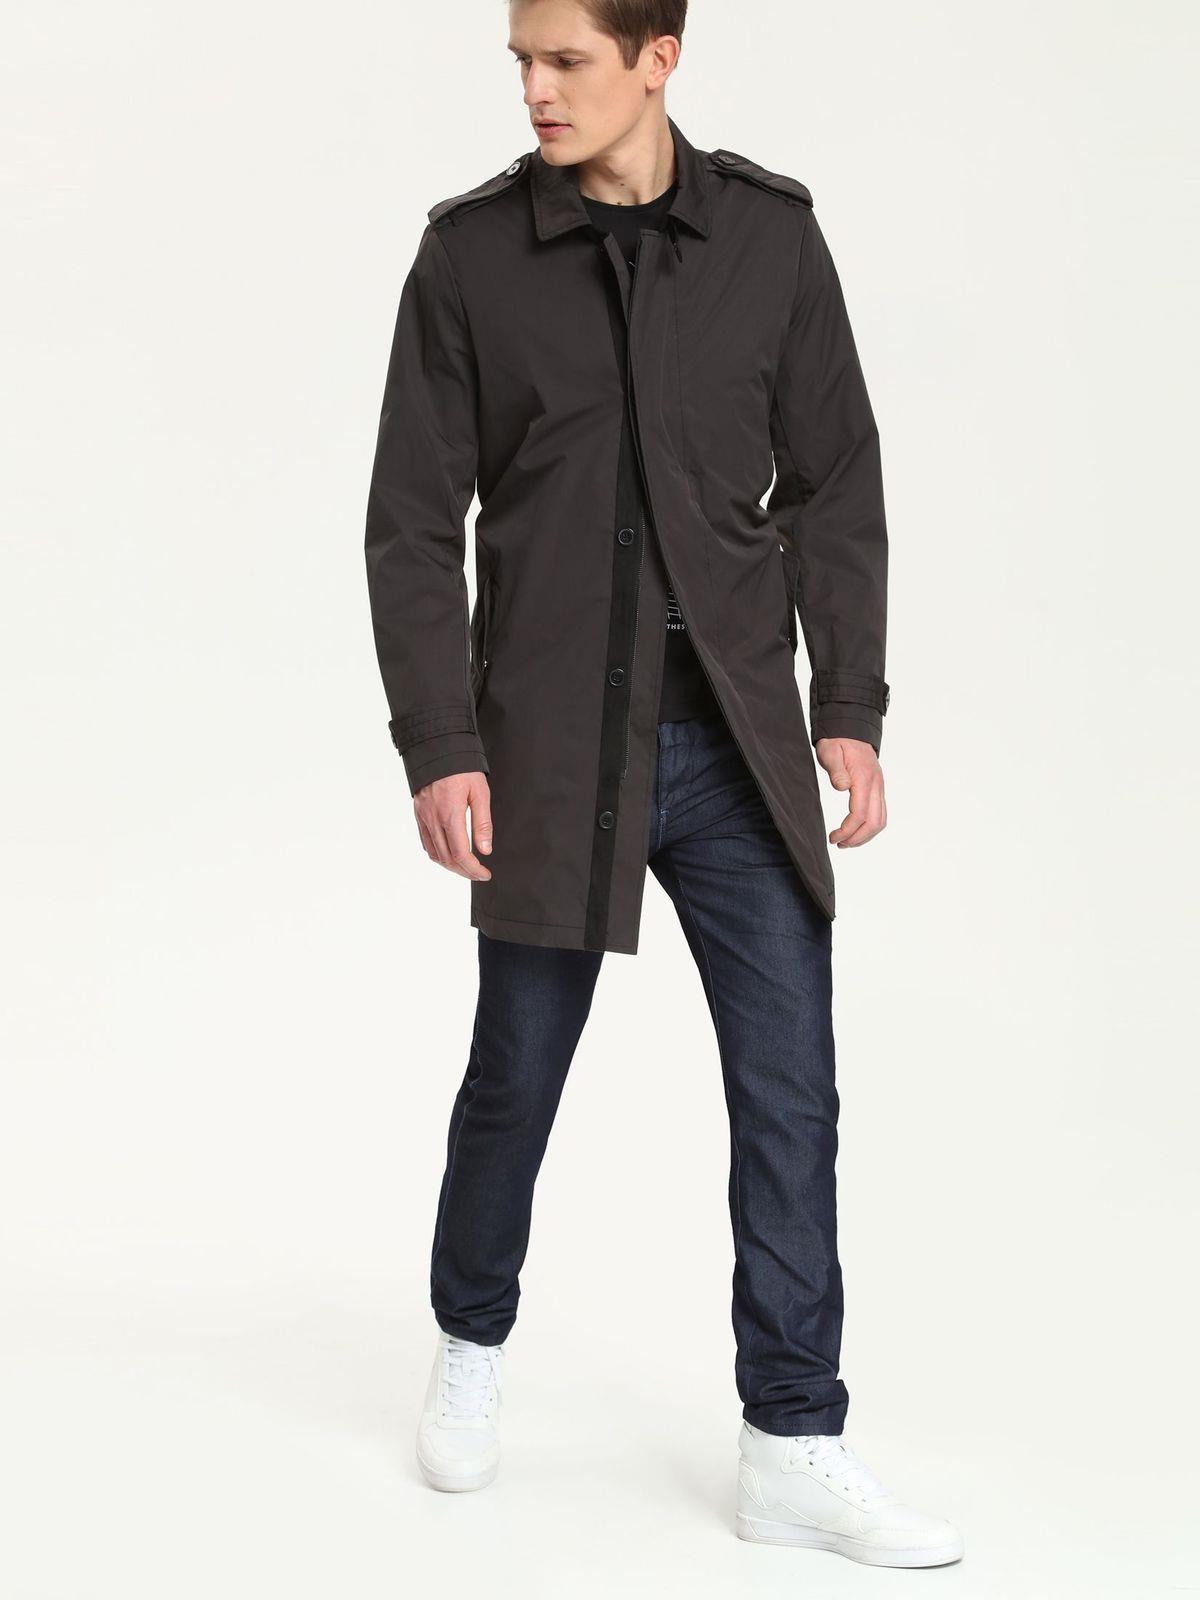 62c535046c43d Płaszcze męskie - zimowe, wiosenne i jesienne - atrakcyjne wzory, światowe  trendy, zabawa